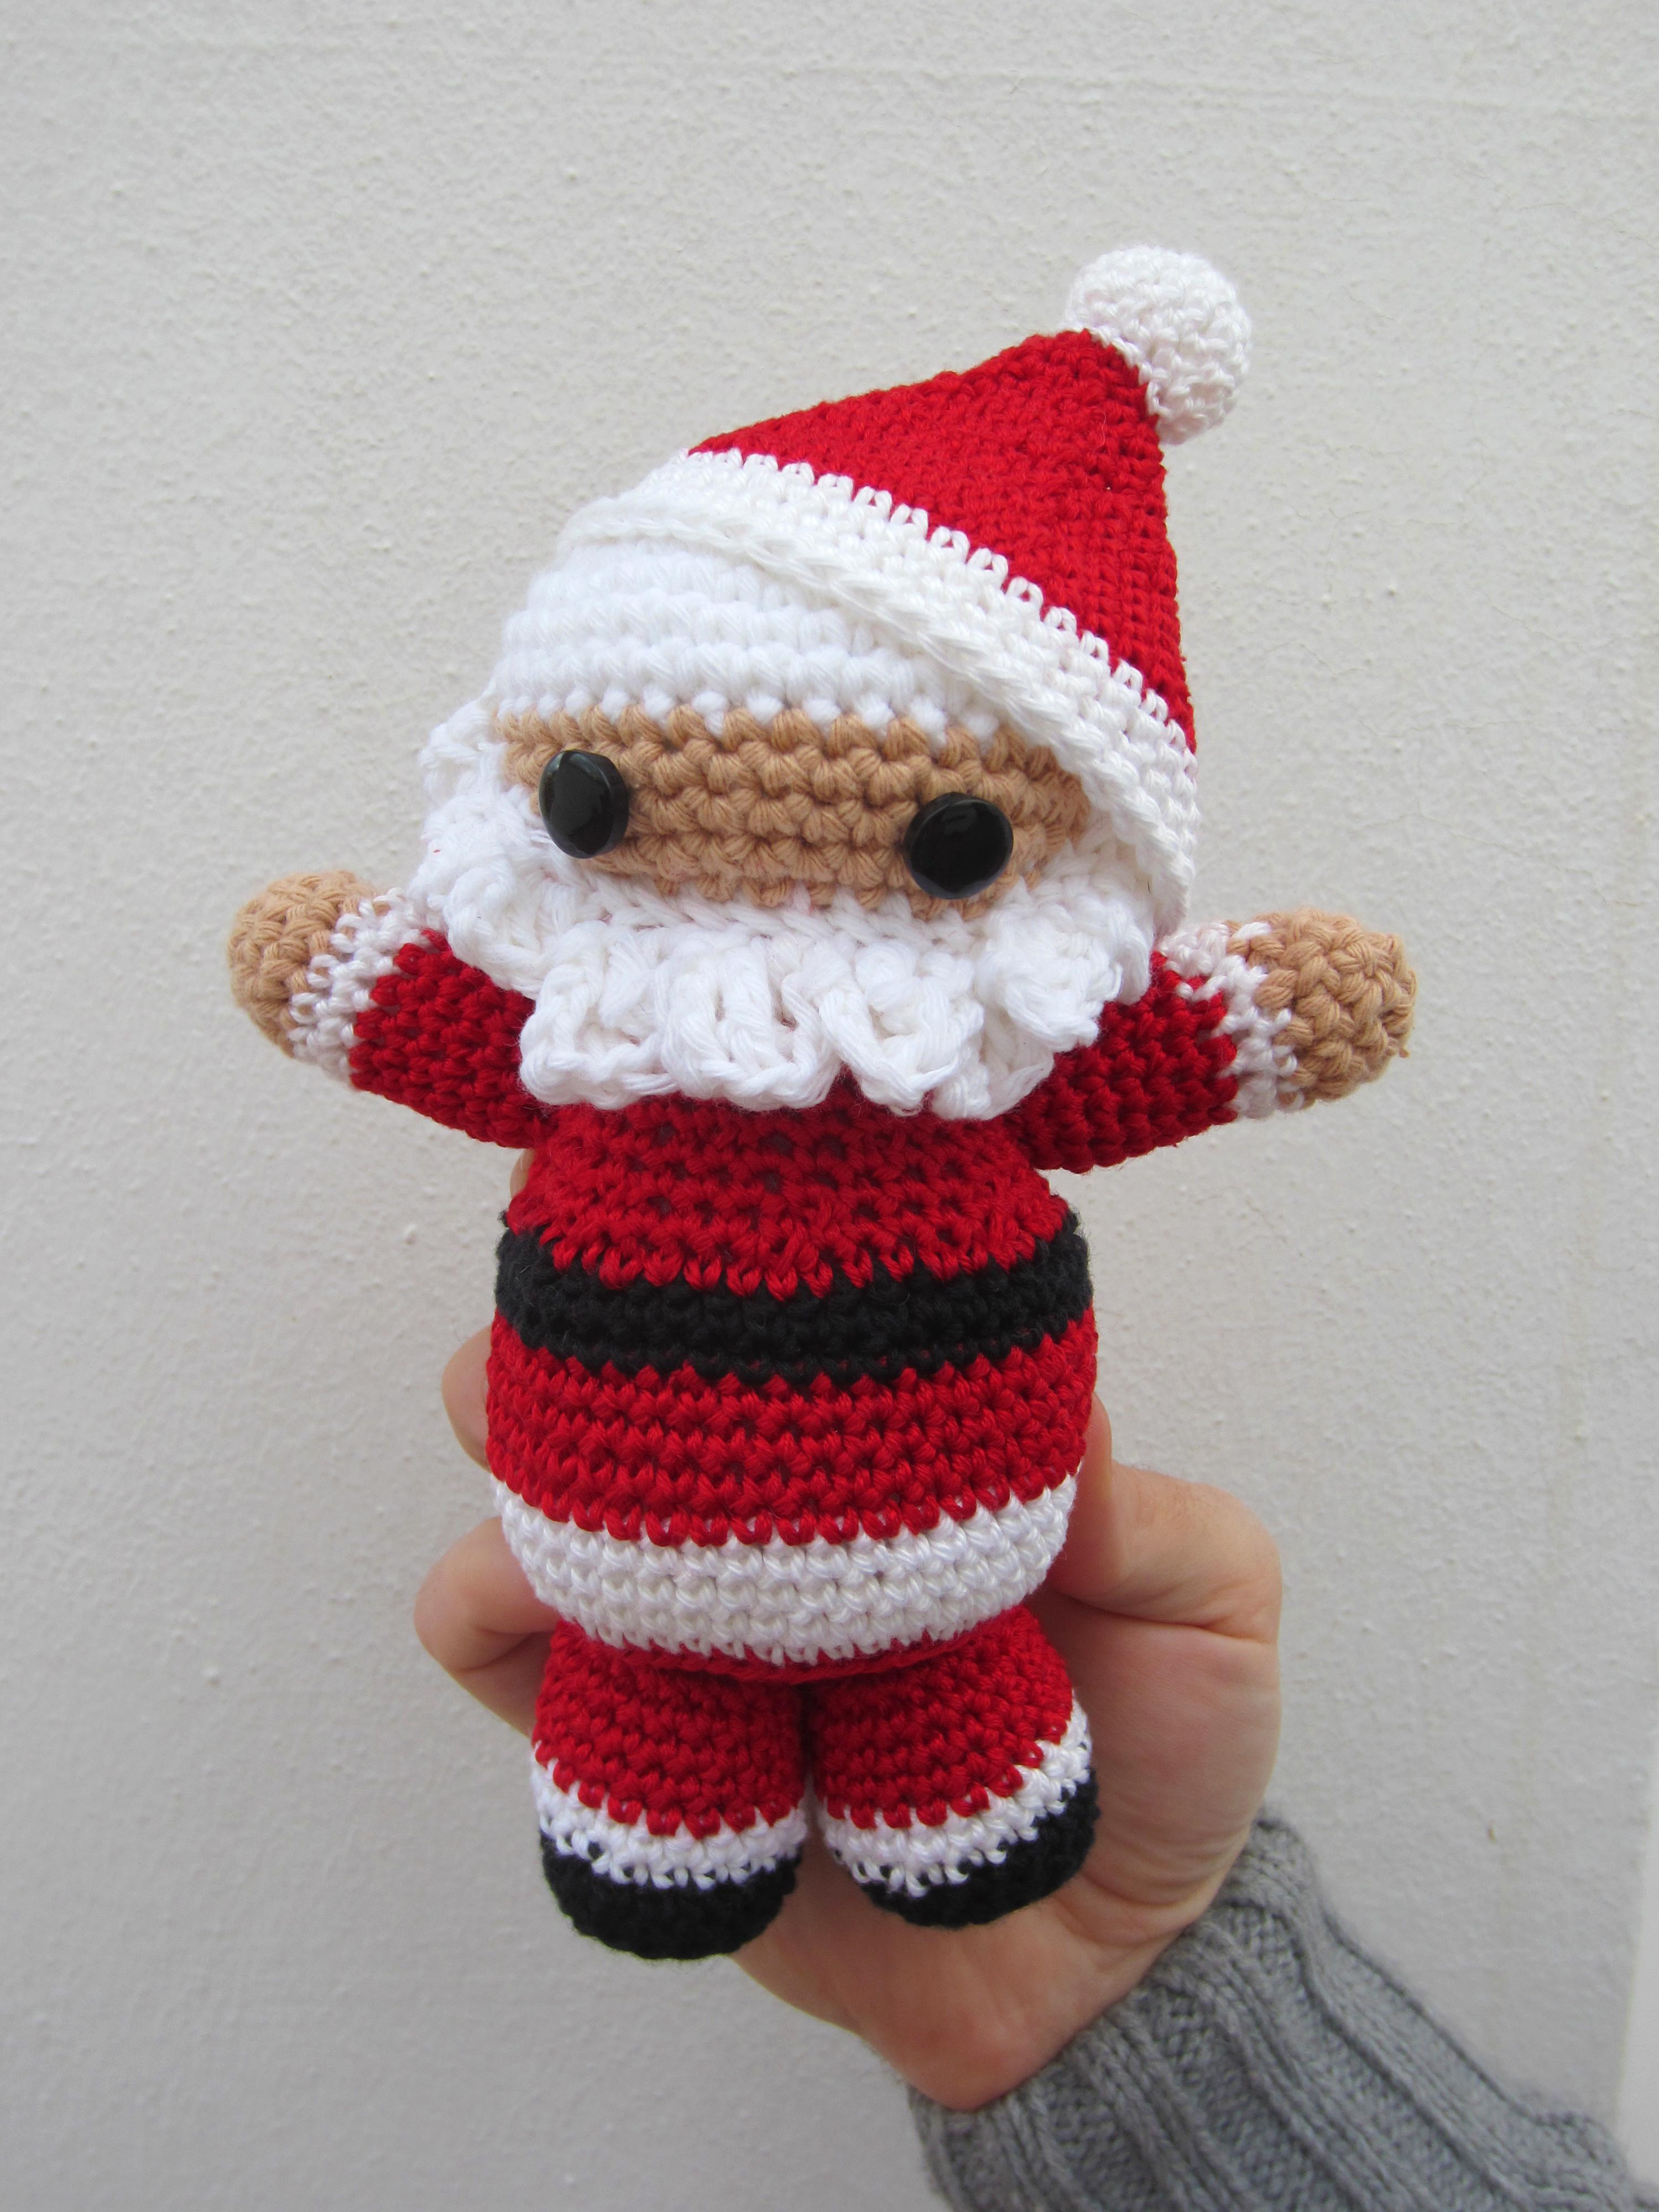 Kit Amigurumi Navidad : Amigurumi para Navidad, Papa Noel El Hogar de las lanas